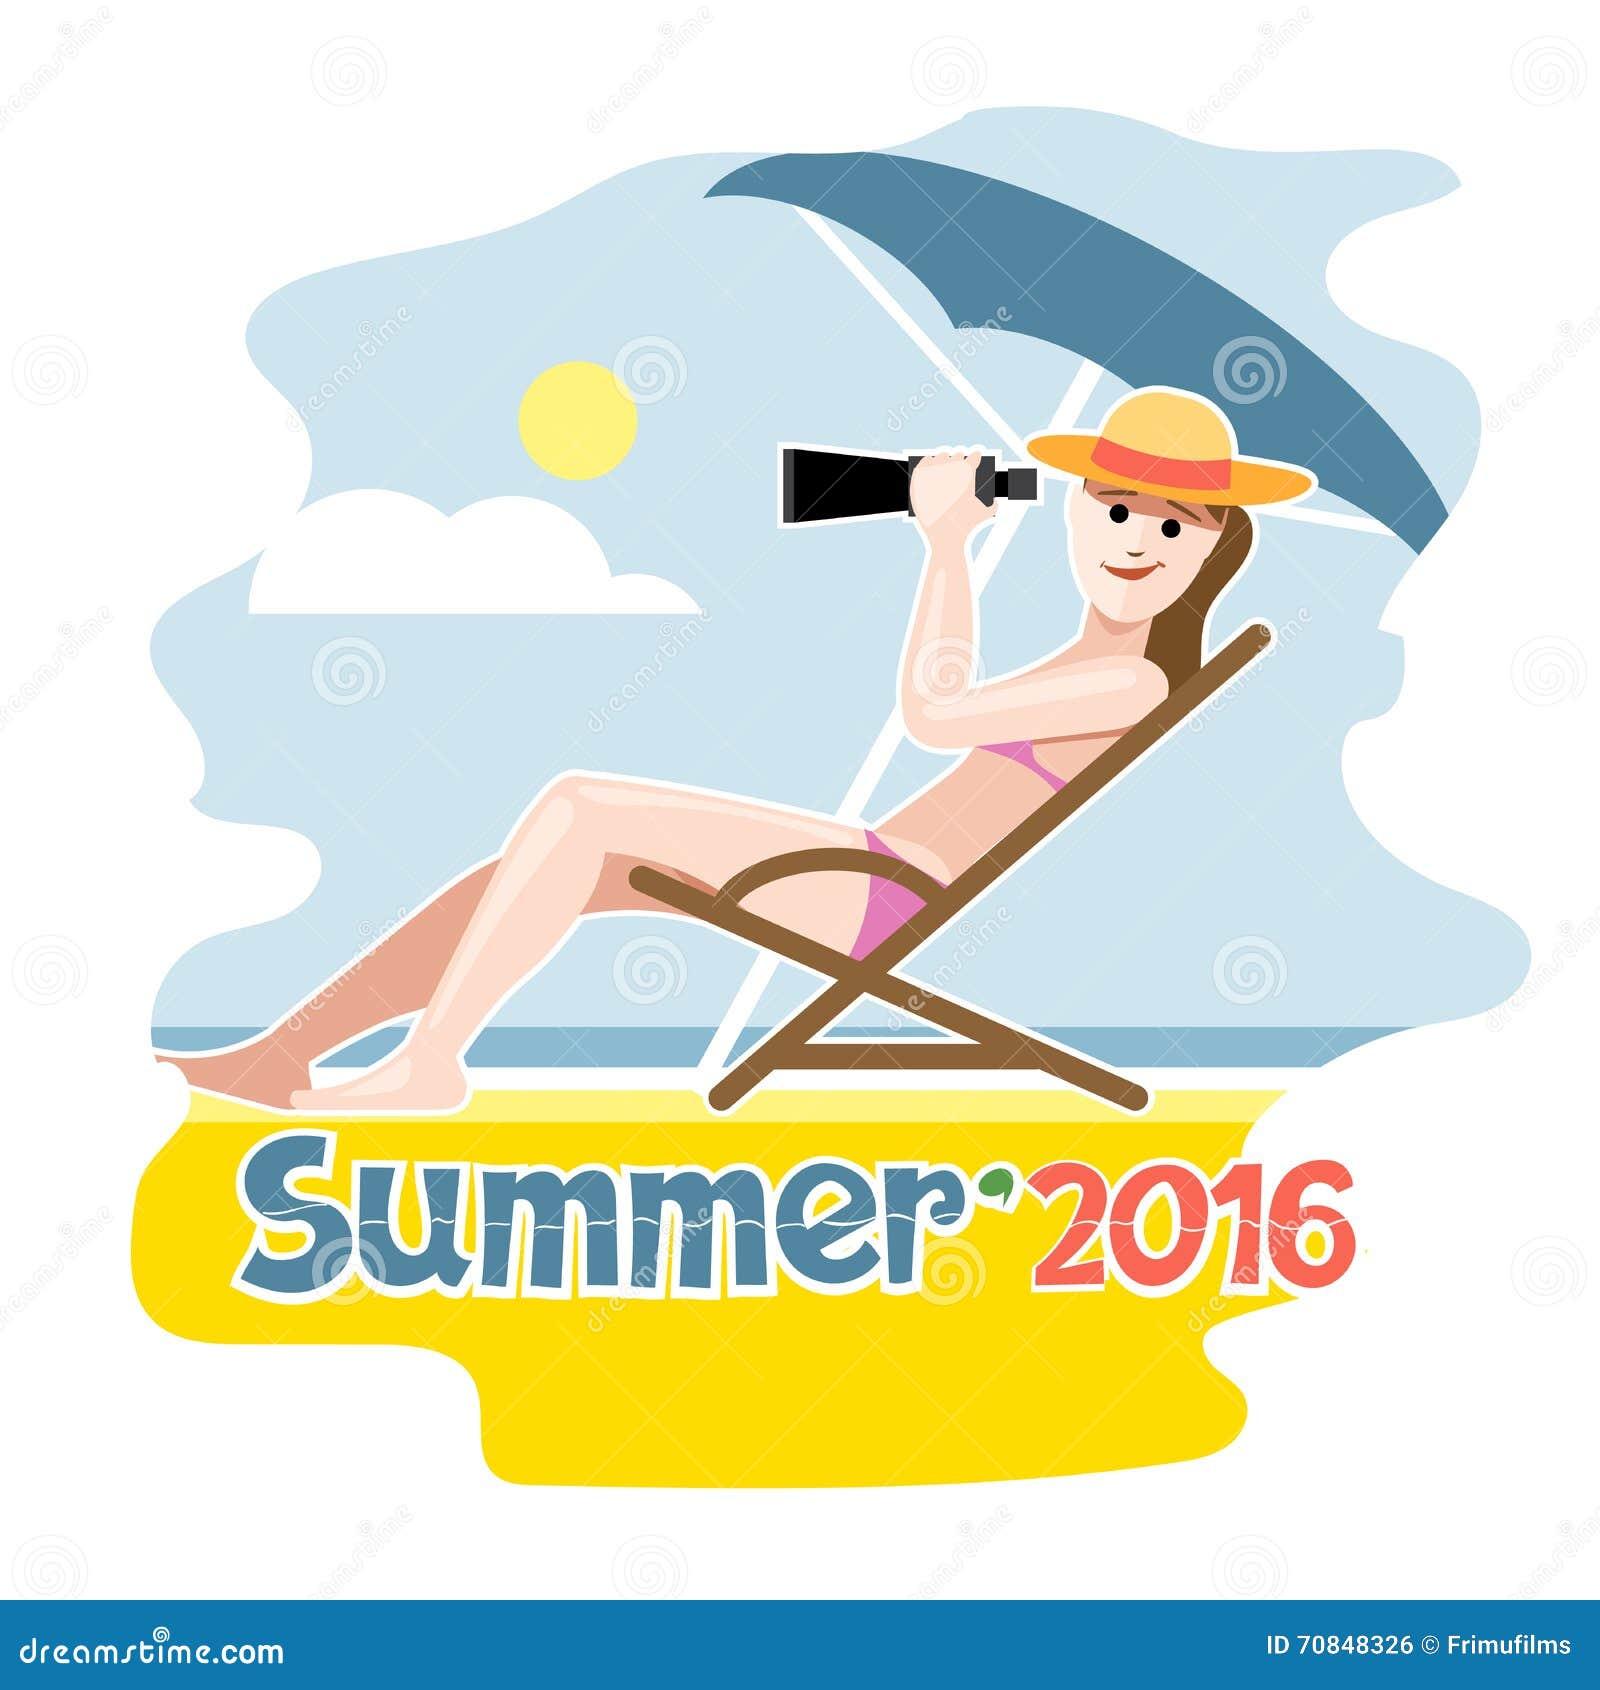 Summer 2016 flyer